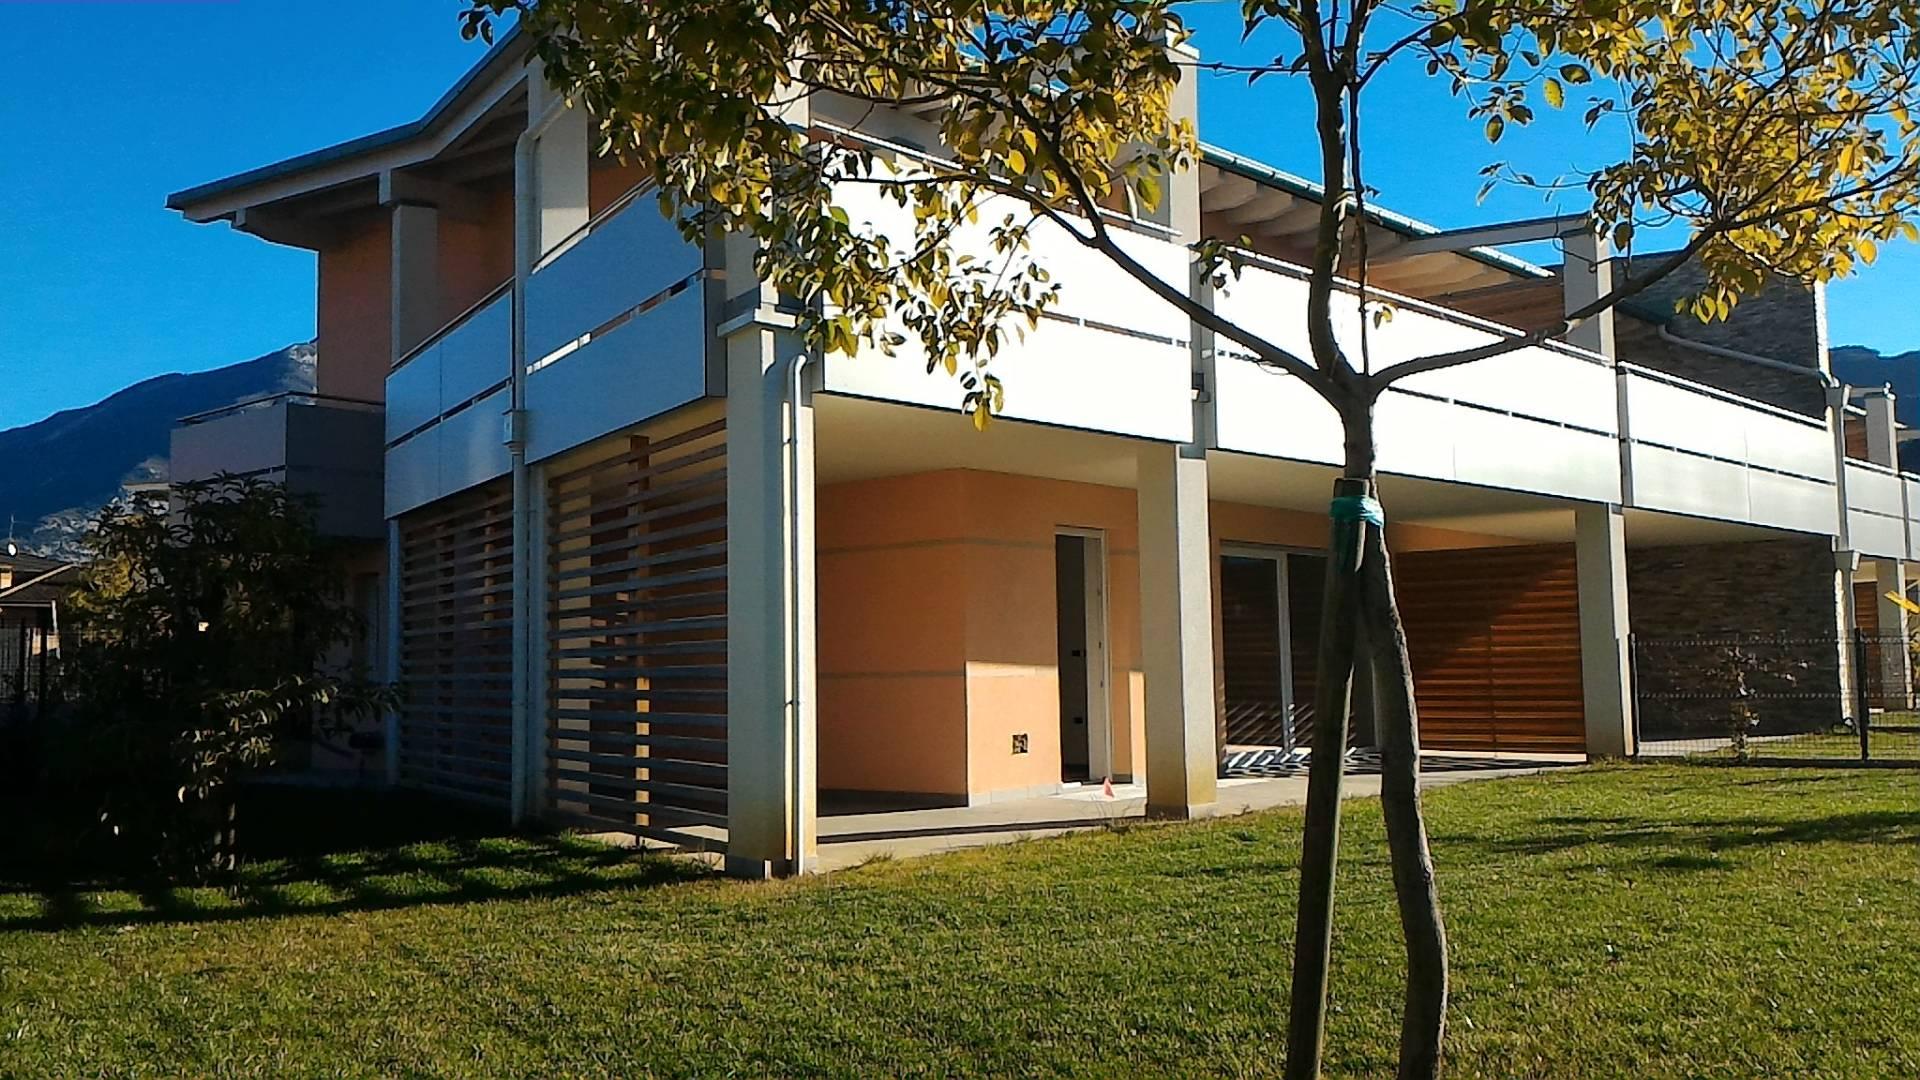 Vendita case e appartamenti a riva del garda for Case in vendita riva del garda